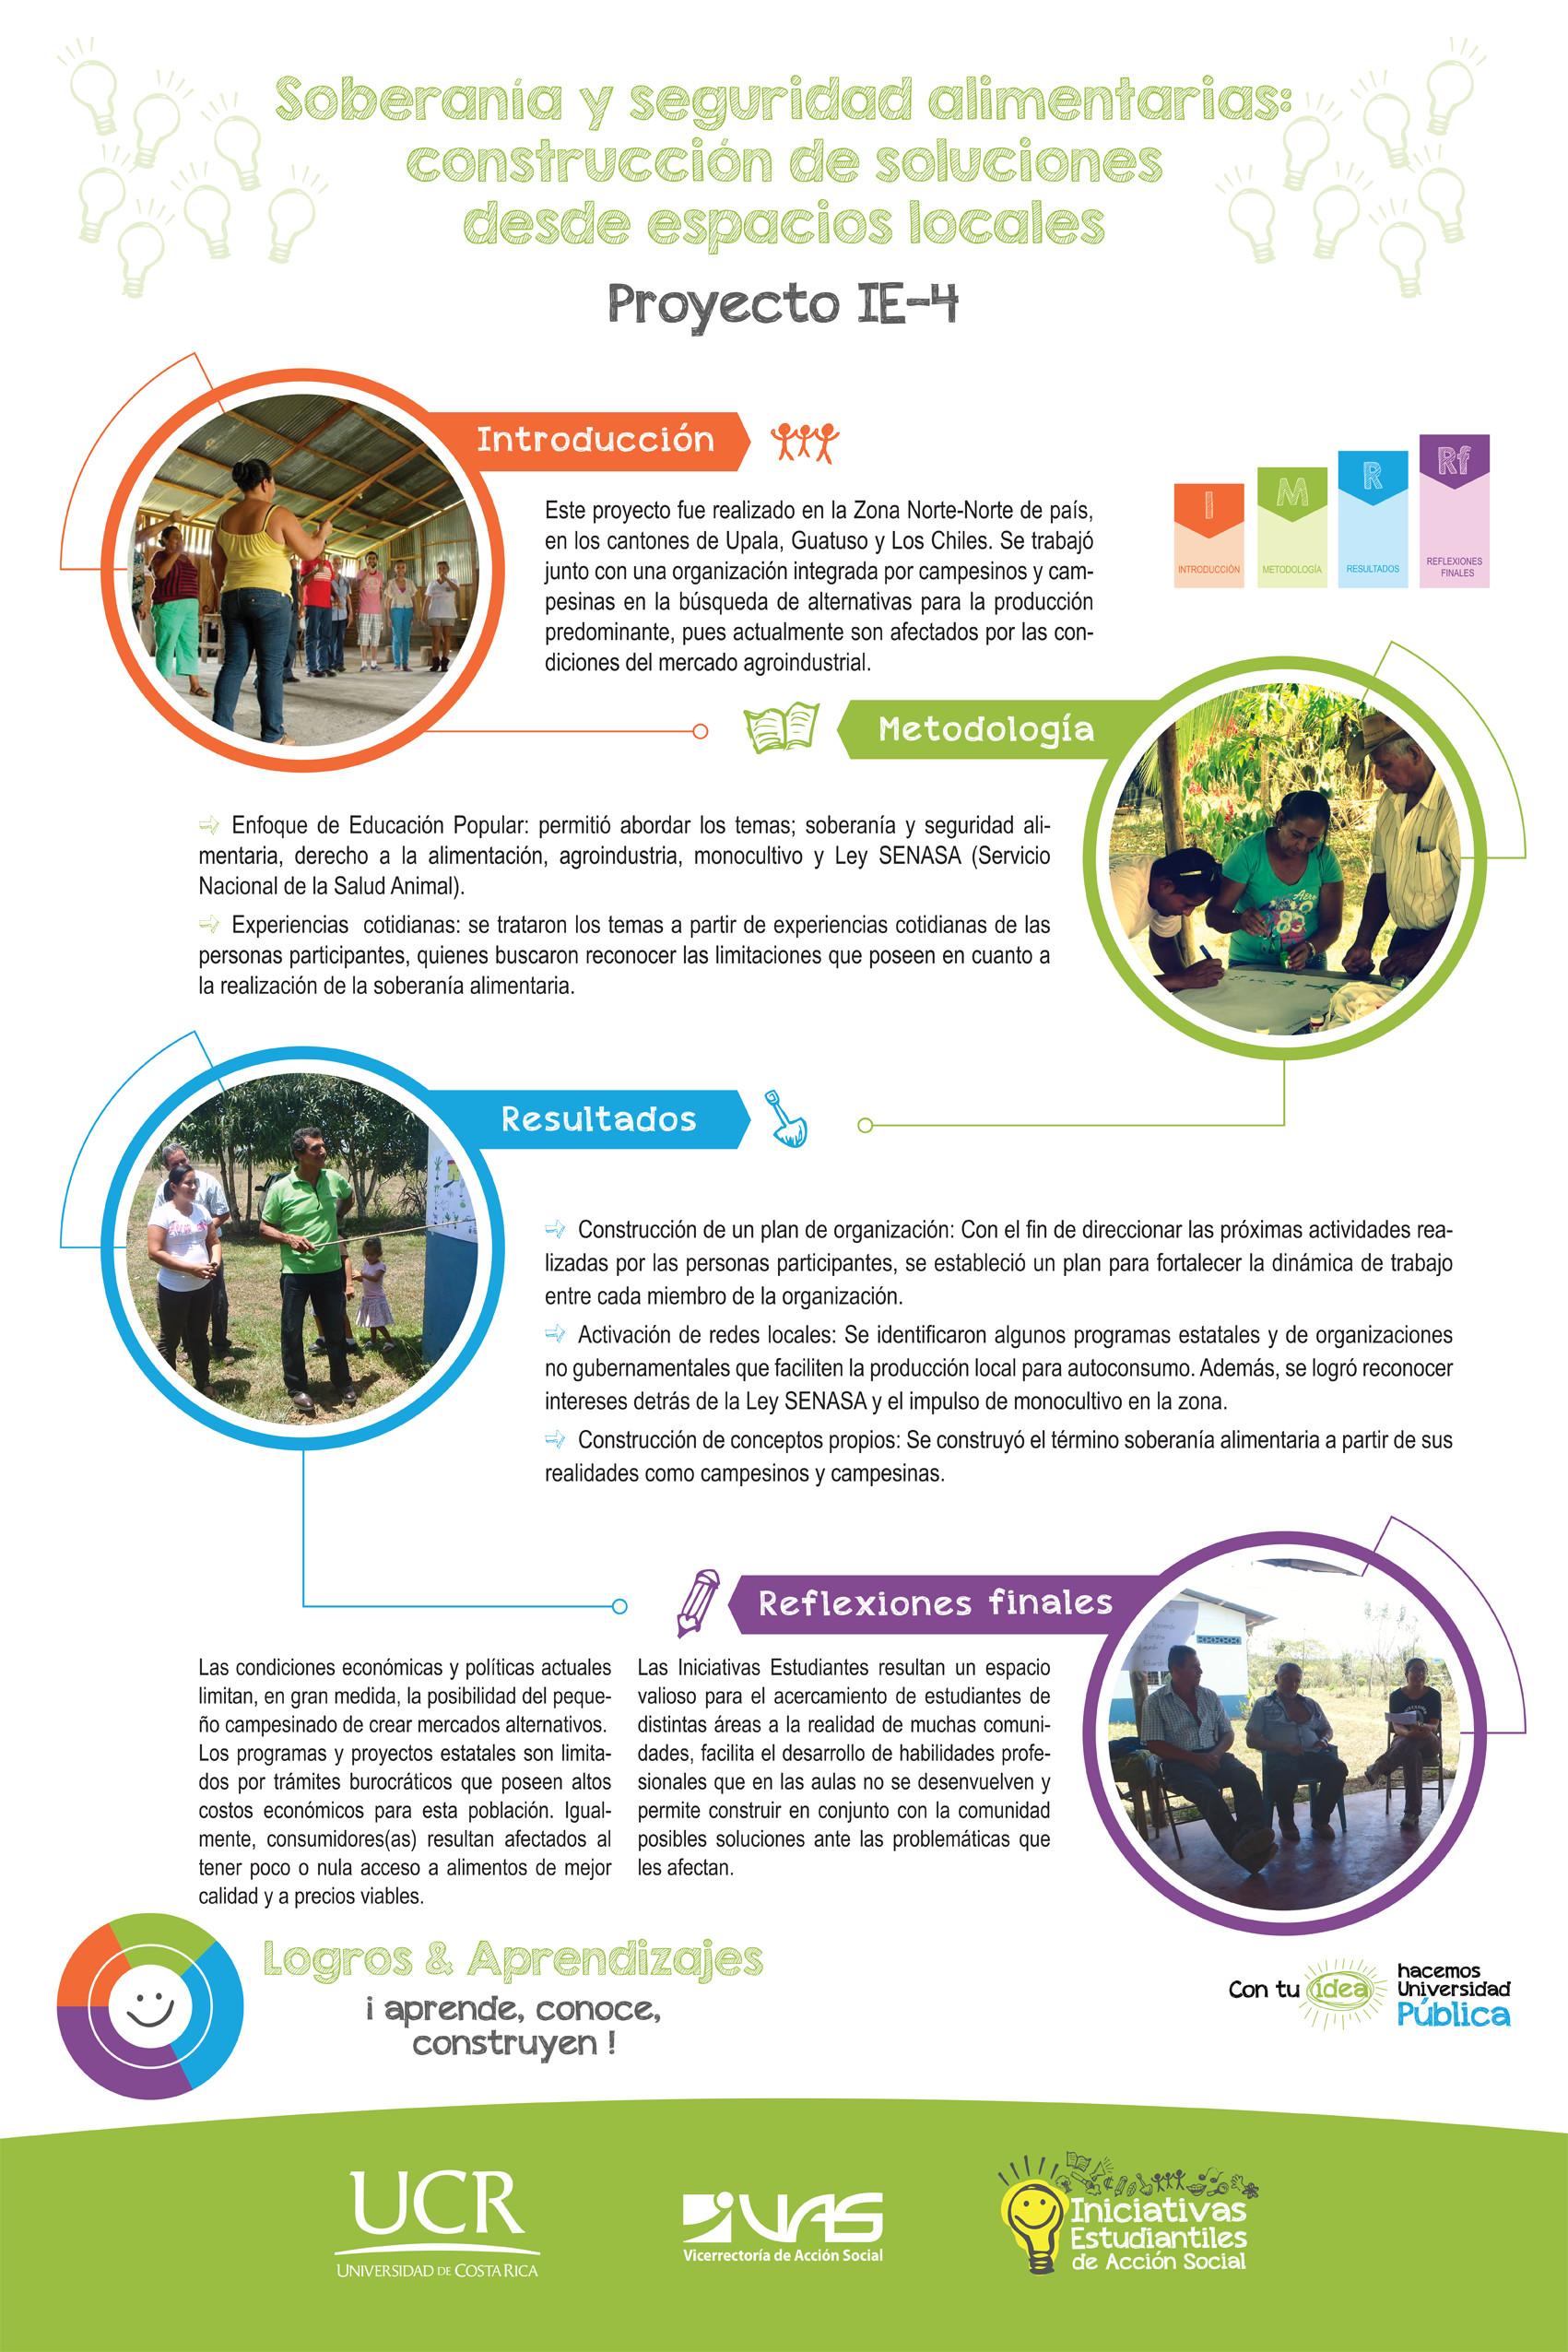 Soberanía y seguridad alimentarias, construcción de soluciones desde espacios locales.  IE-4.